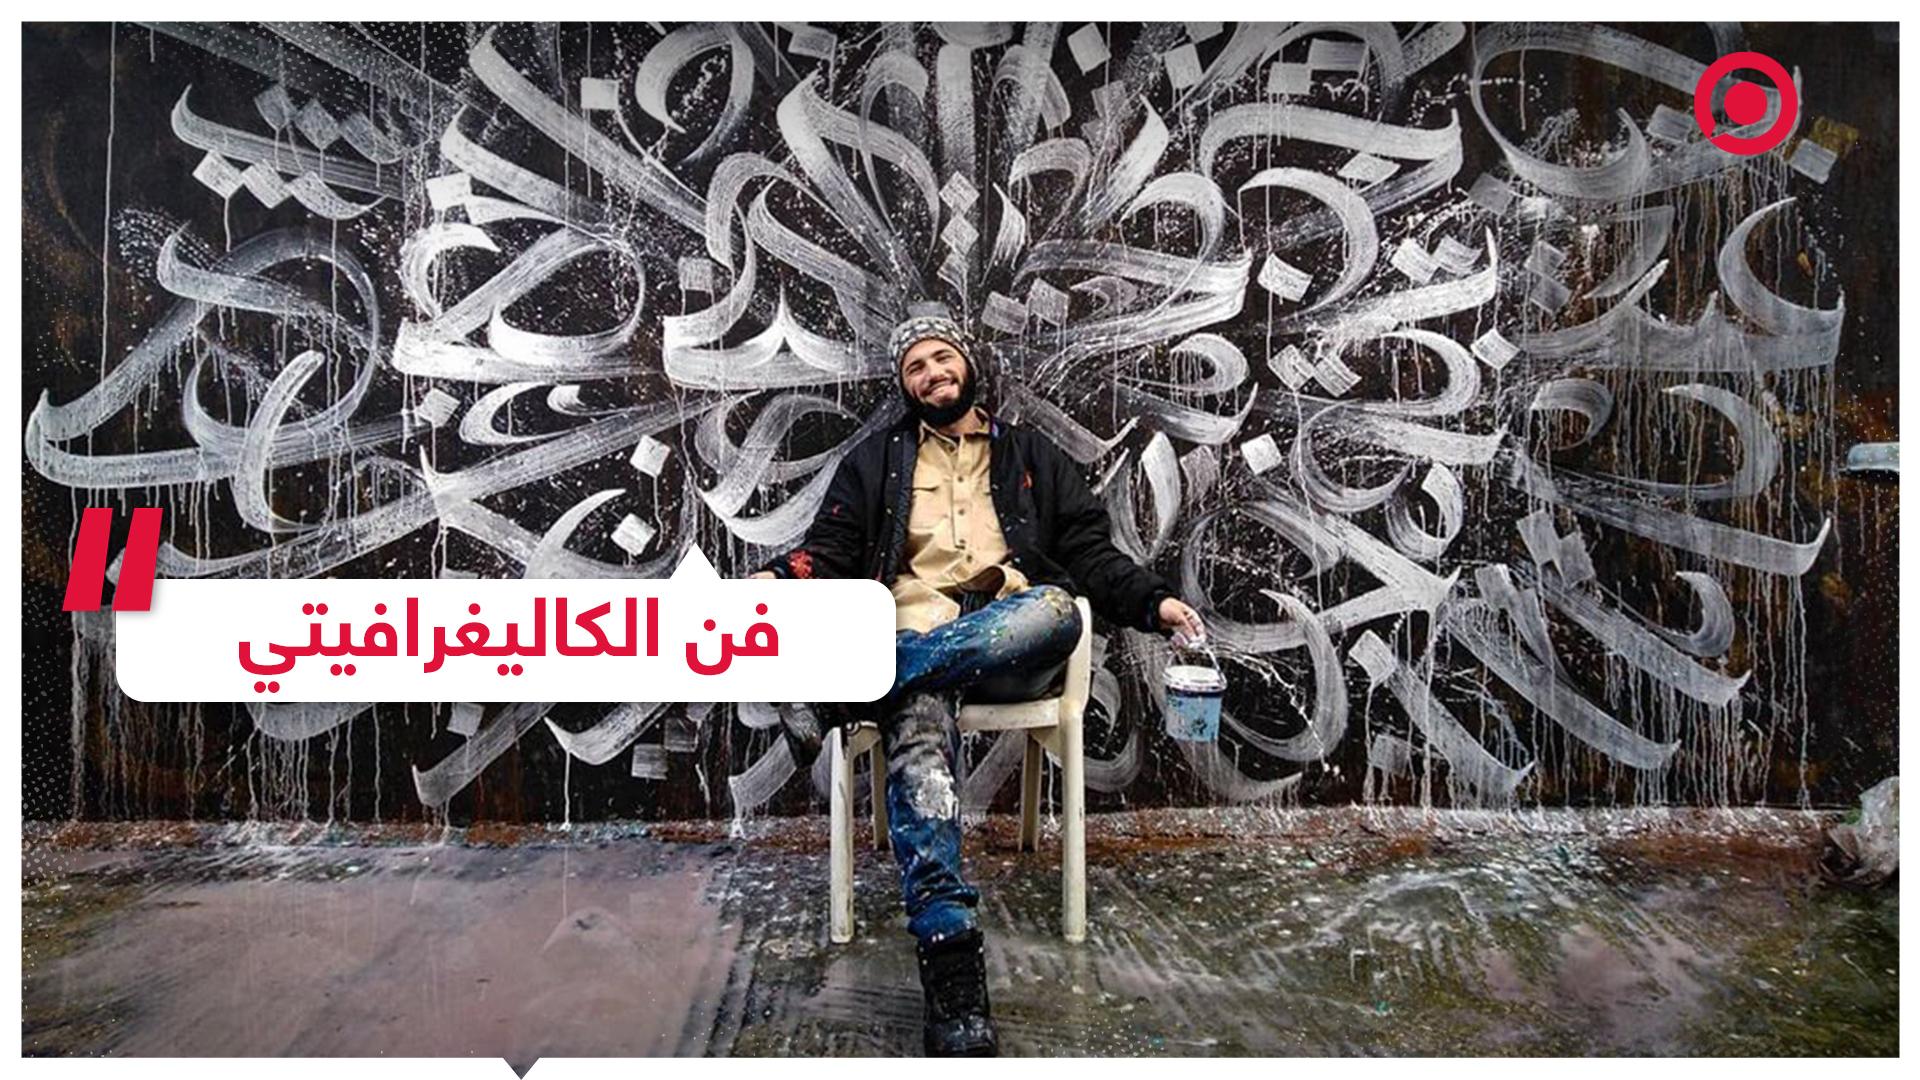 لقاء مصمم الغرافيك الأردني محمد الشافعي